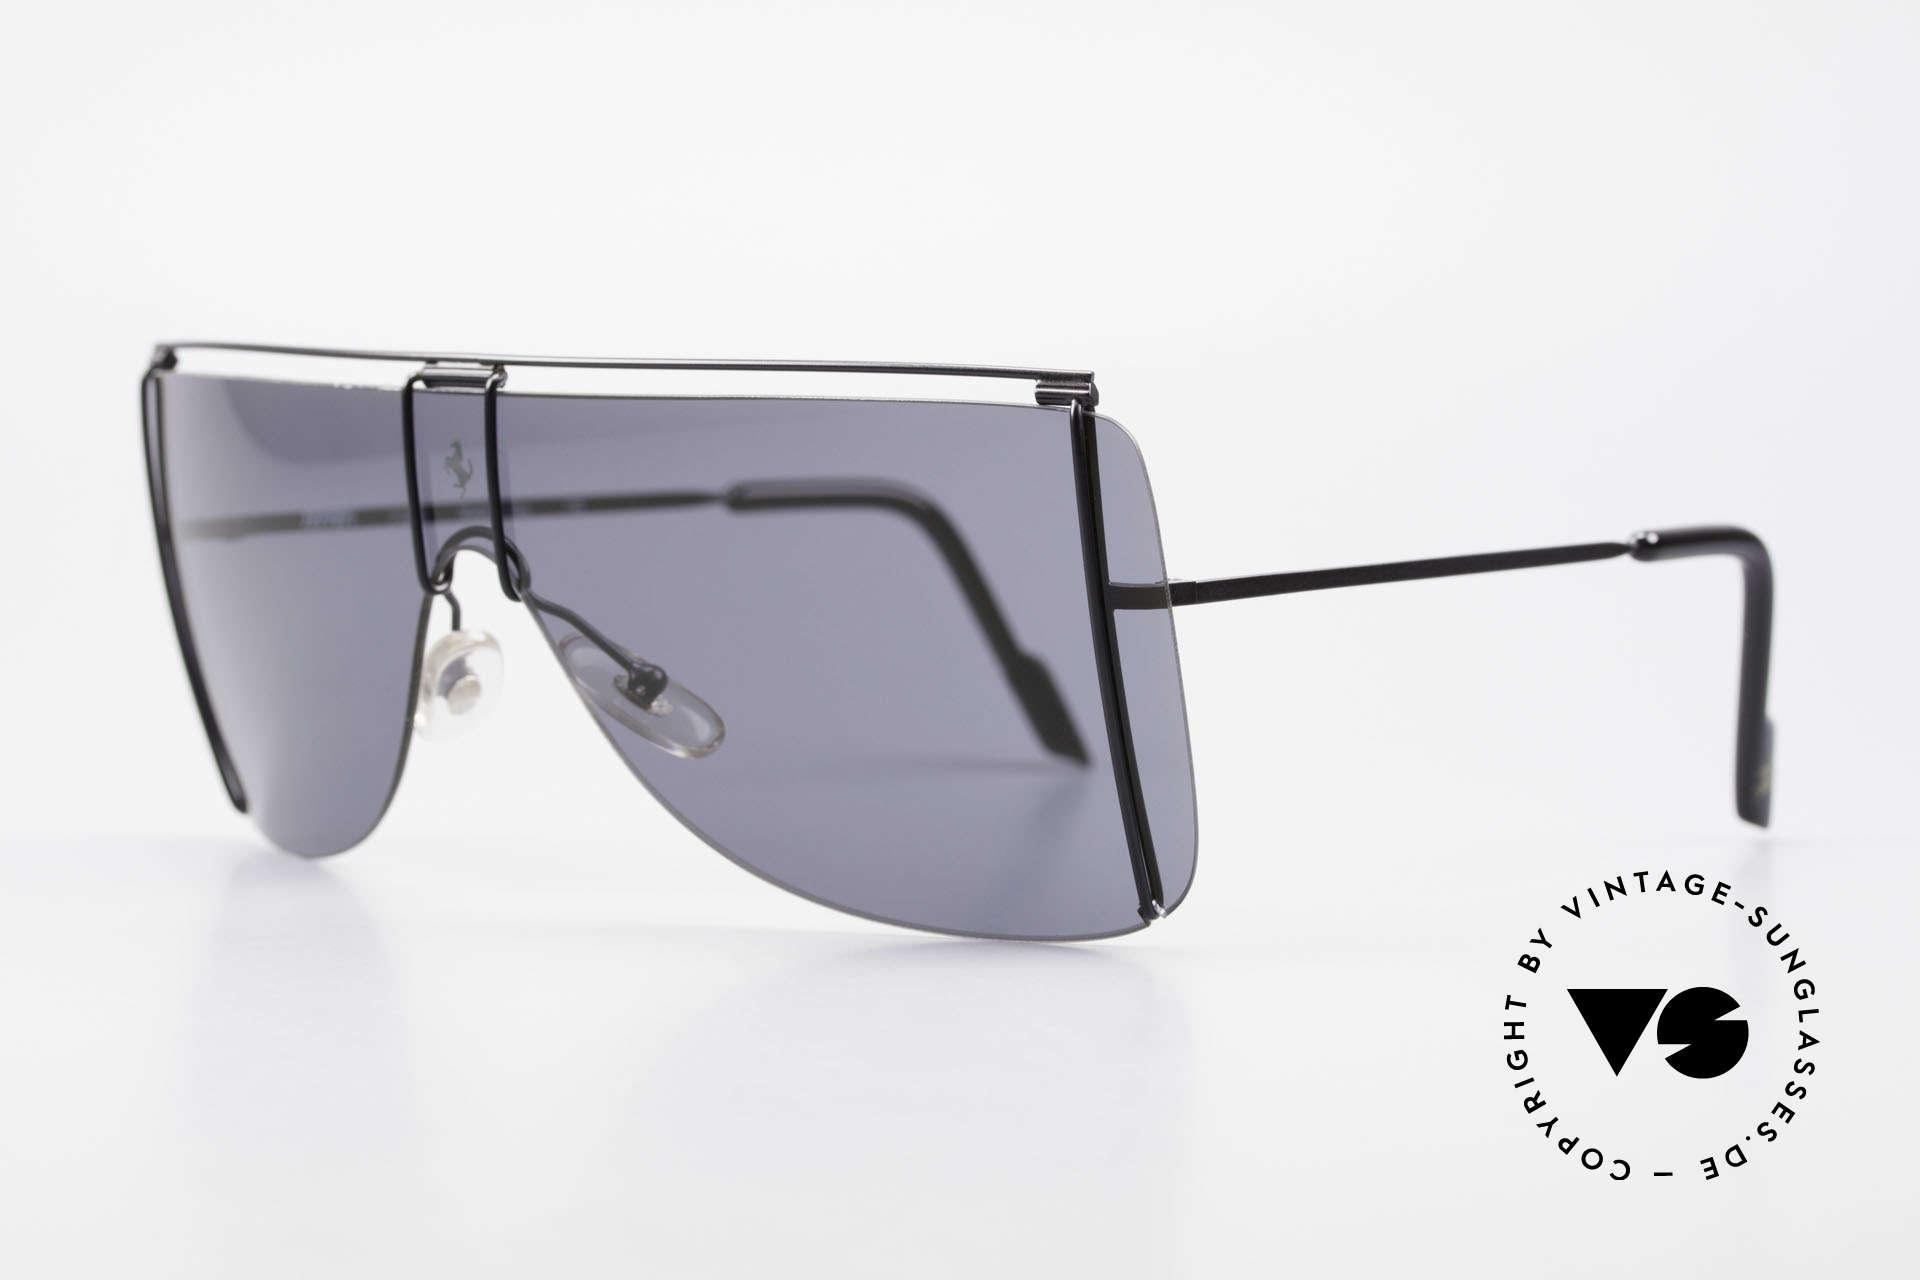 Ferrari F20/S Luxus Sonnenbrille Kylie Jenner, sehr stilvolles & elegantes Mode-Accessoire, Passend für Herren und Damen